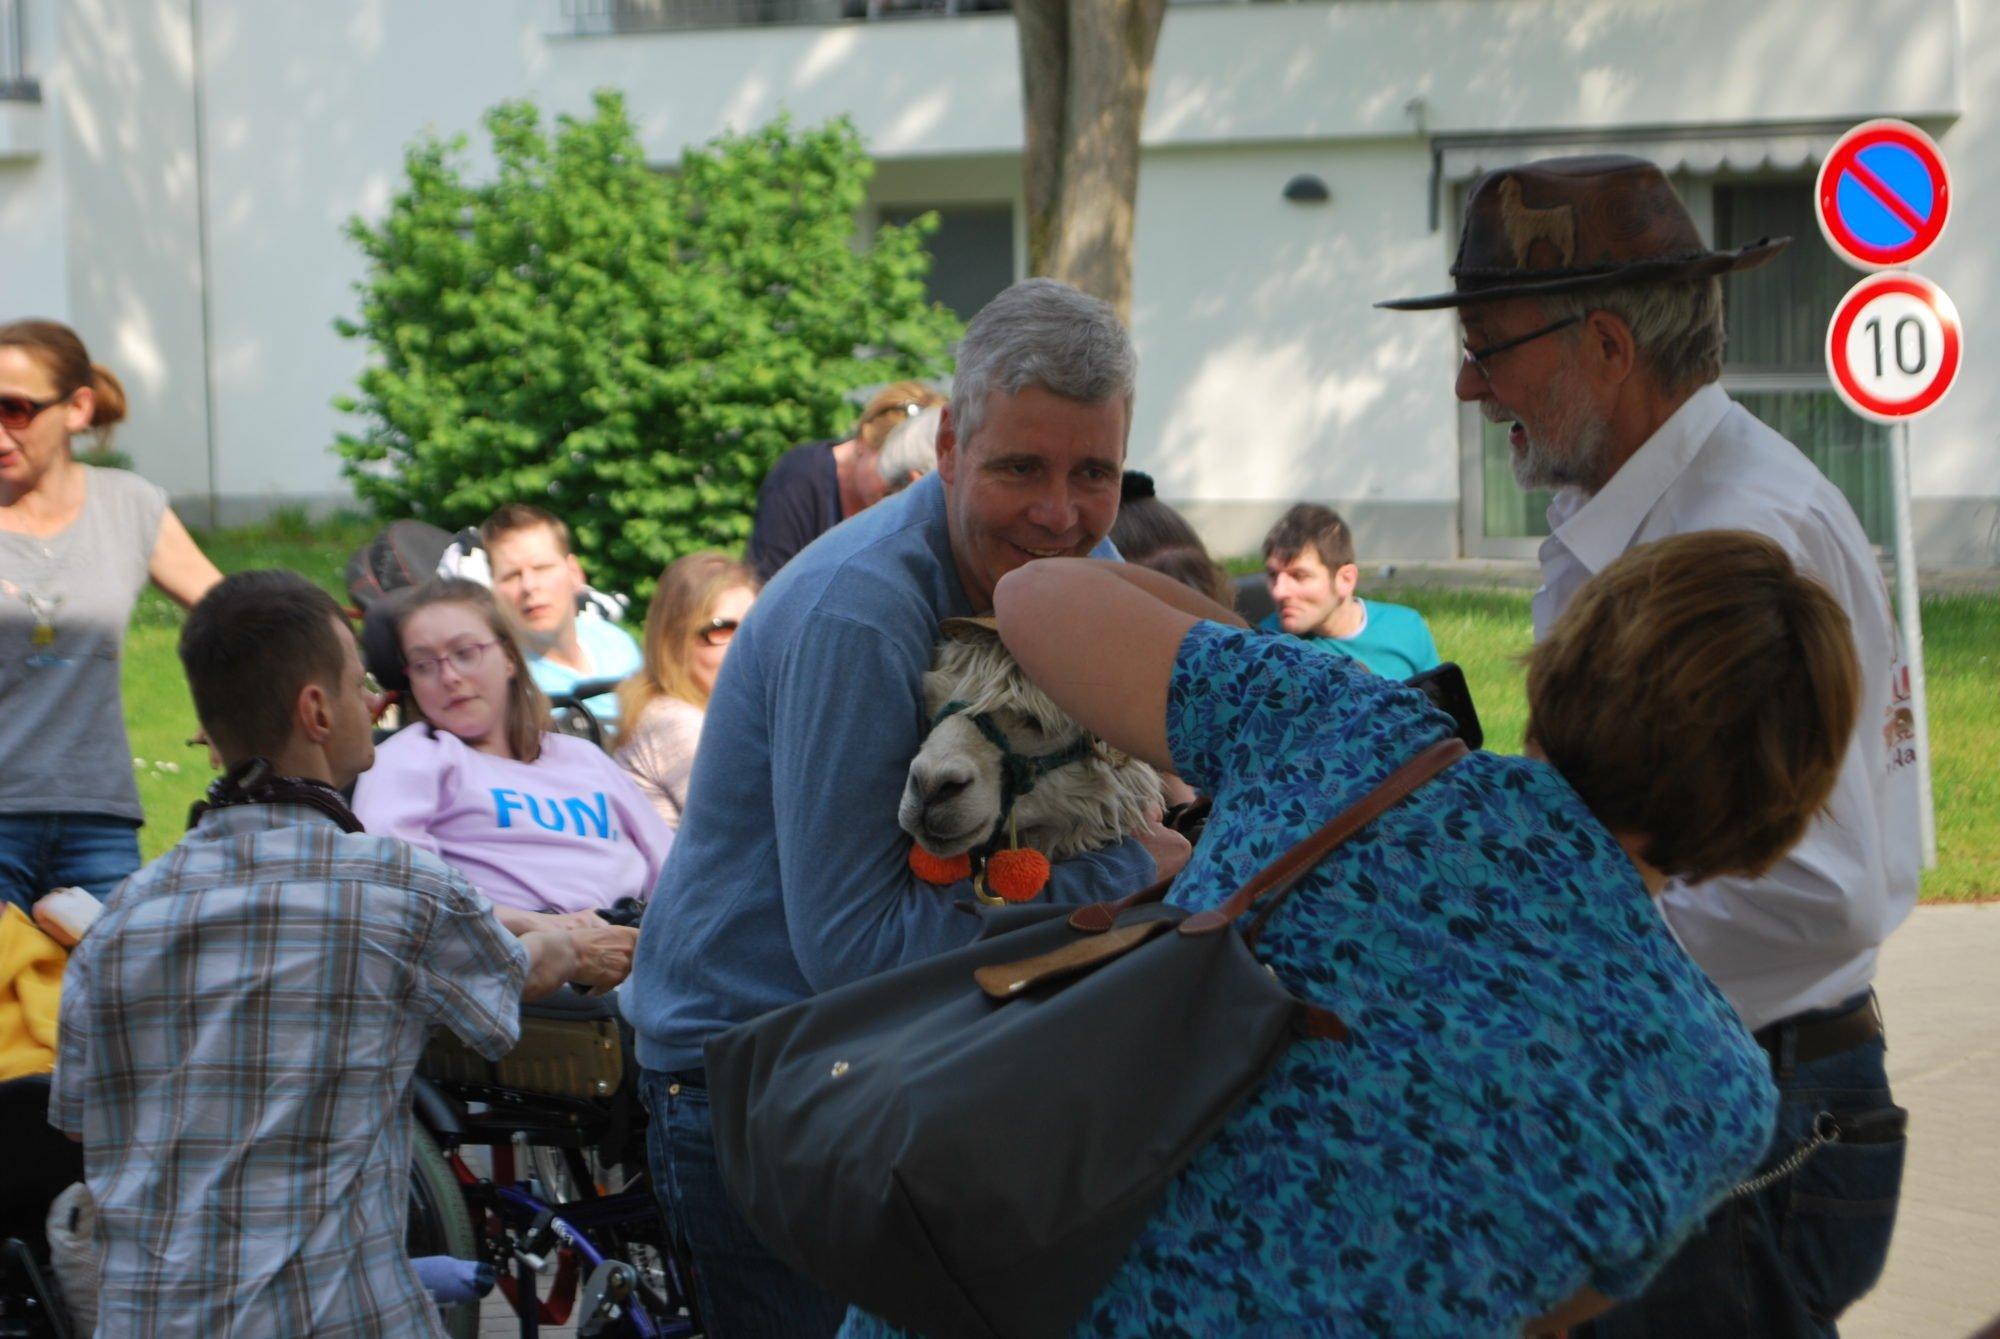 Ein Herr und eine Dame kuscheln das Alpaka. Im Hintergrund sitzen mehrere Menschen beieinander.